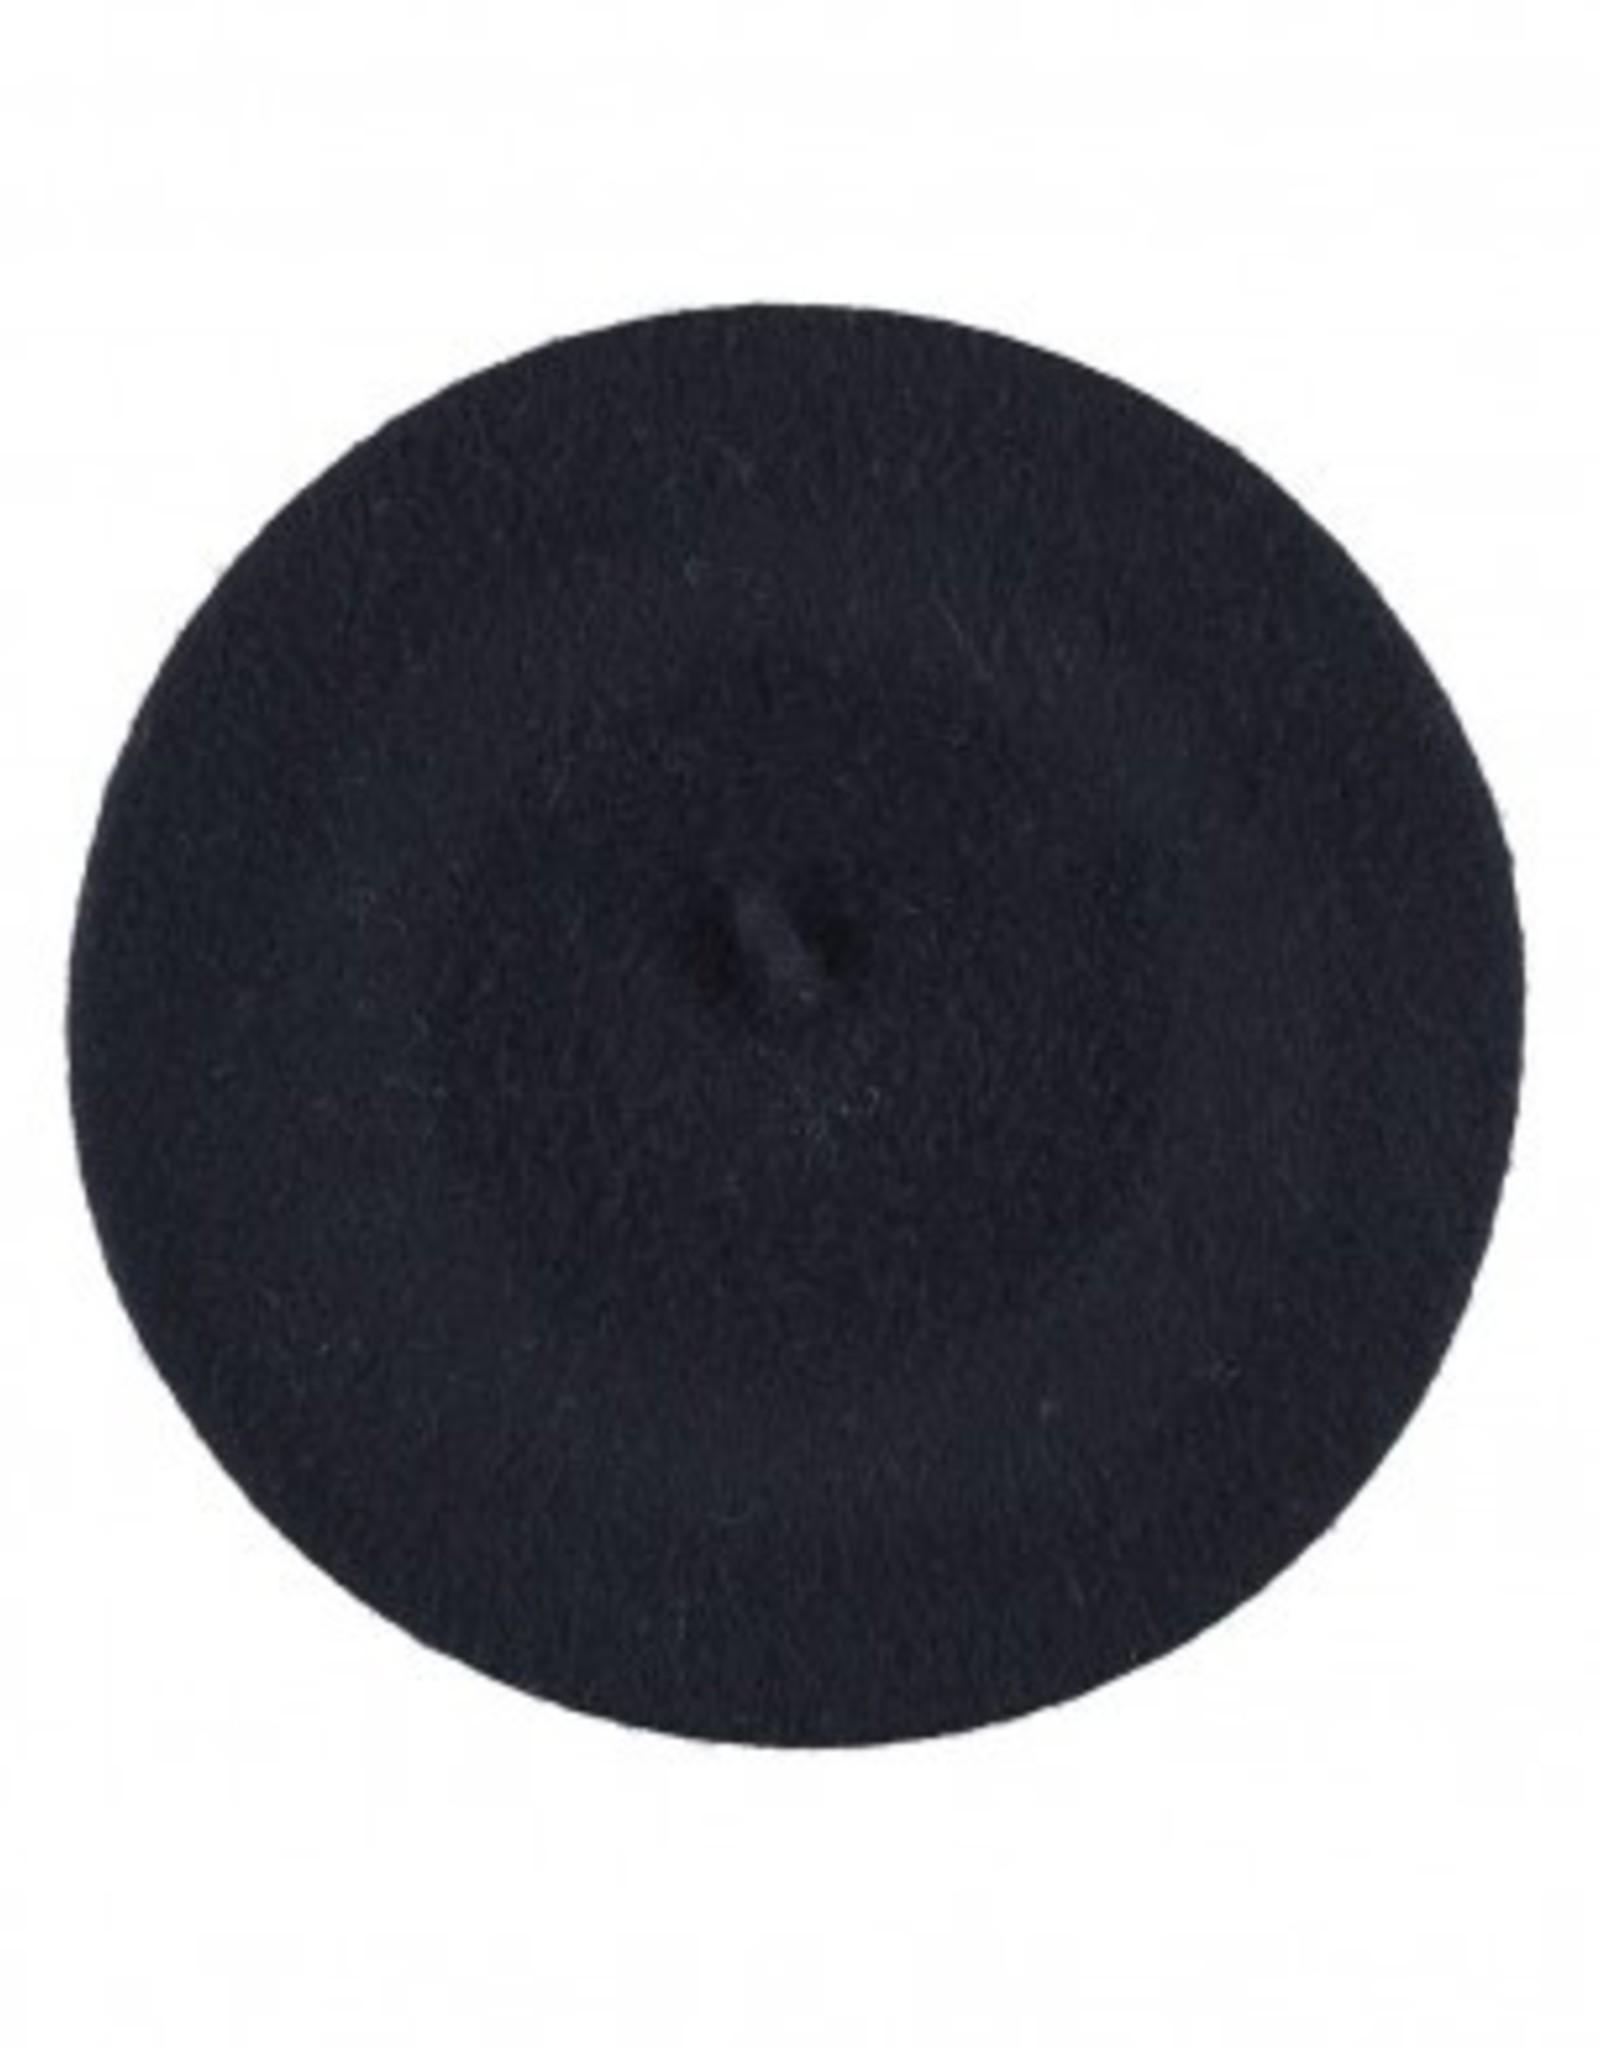 About accessories Muts Baret Zwart 57 cm